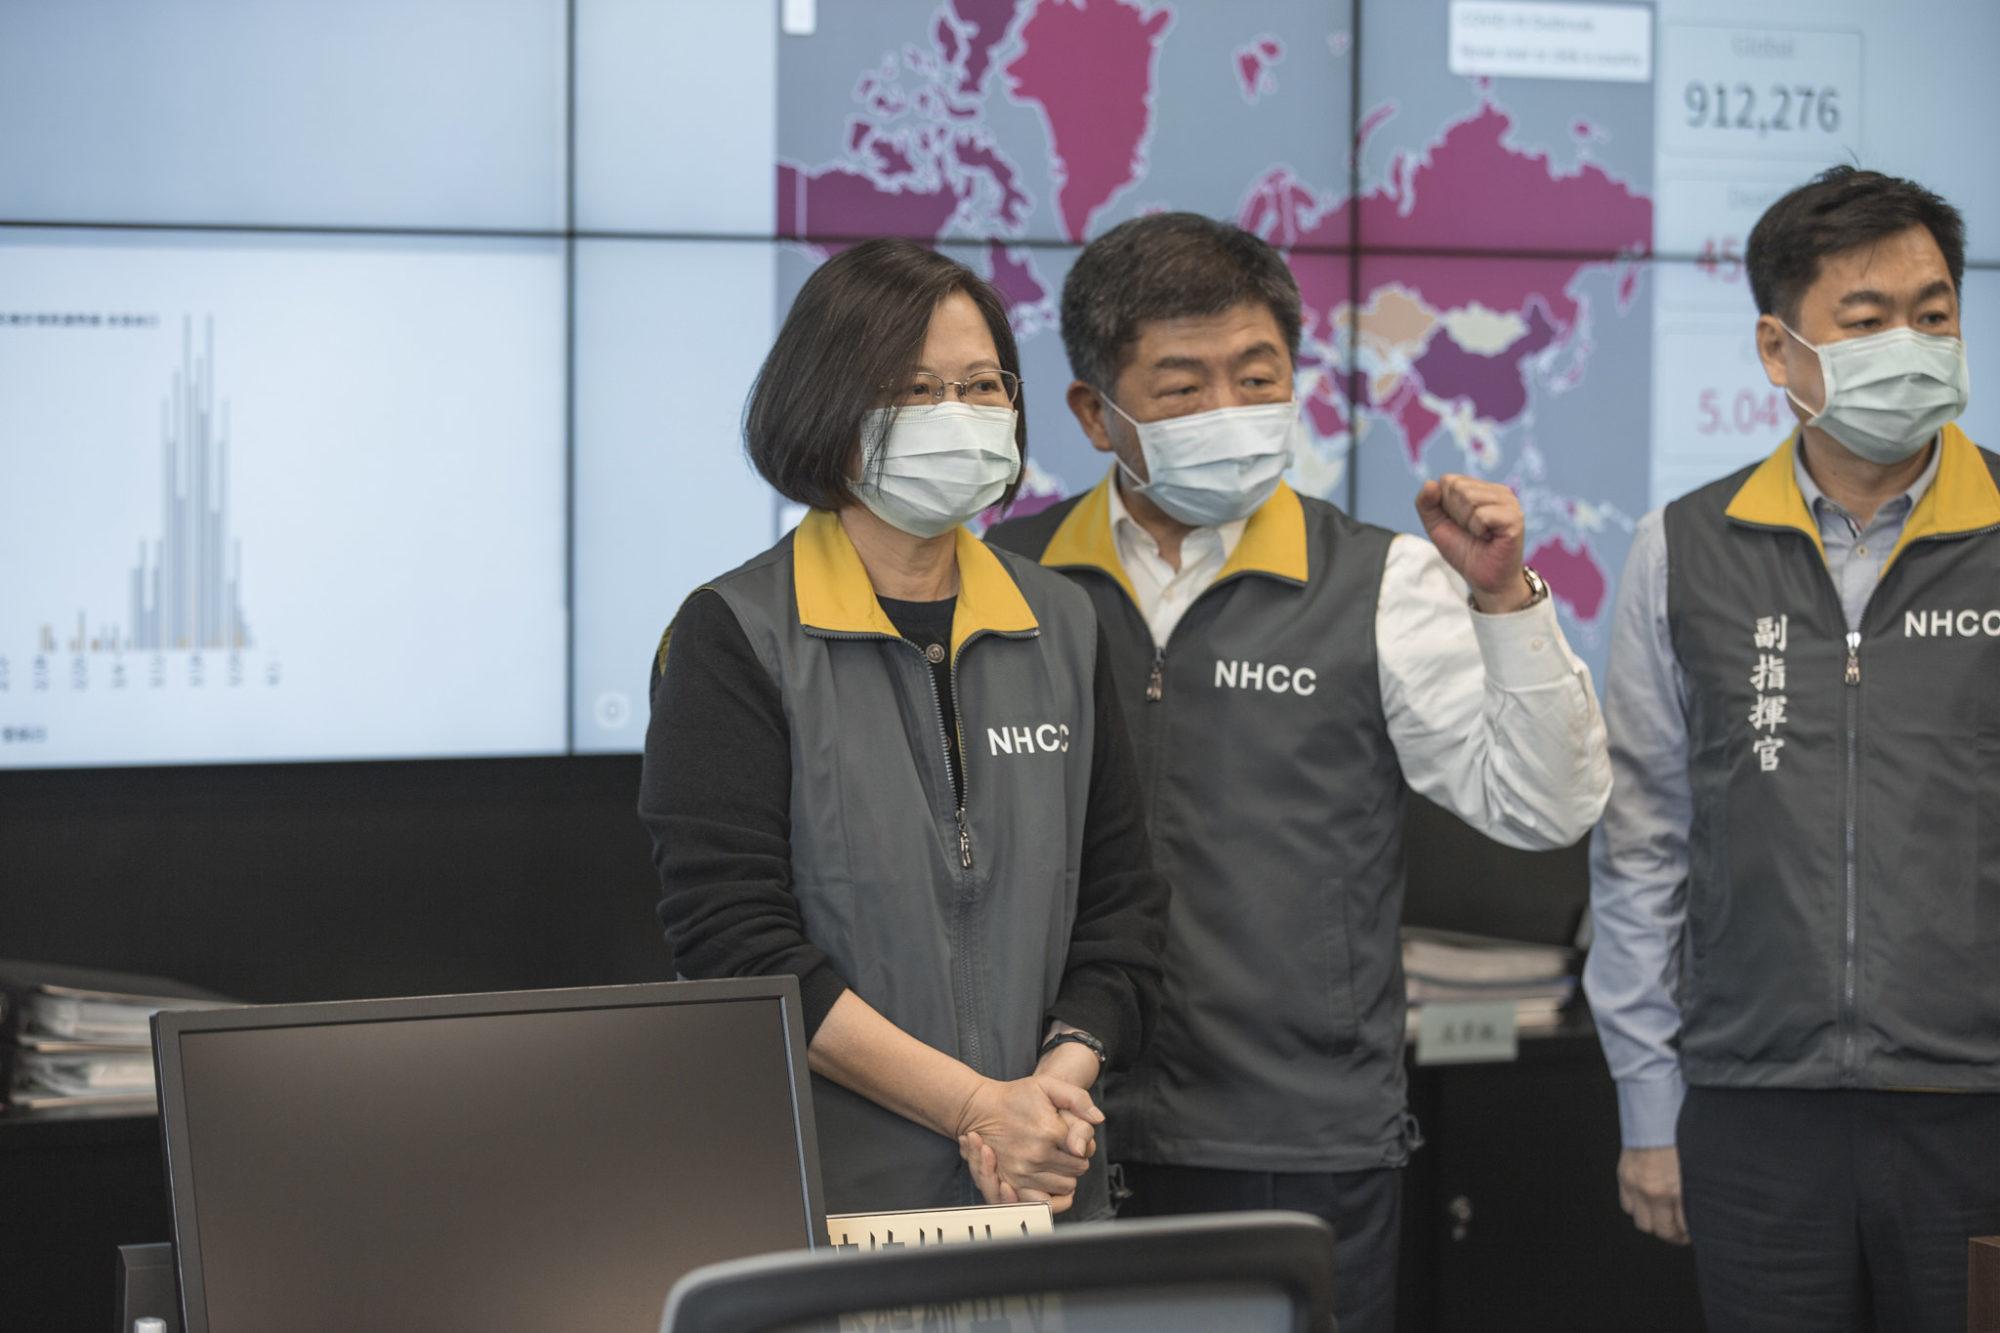 疫情「第二波」恐爆發 專家點名「亞洲3國」風險最高!